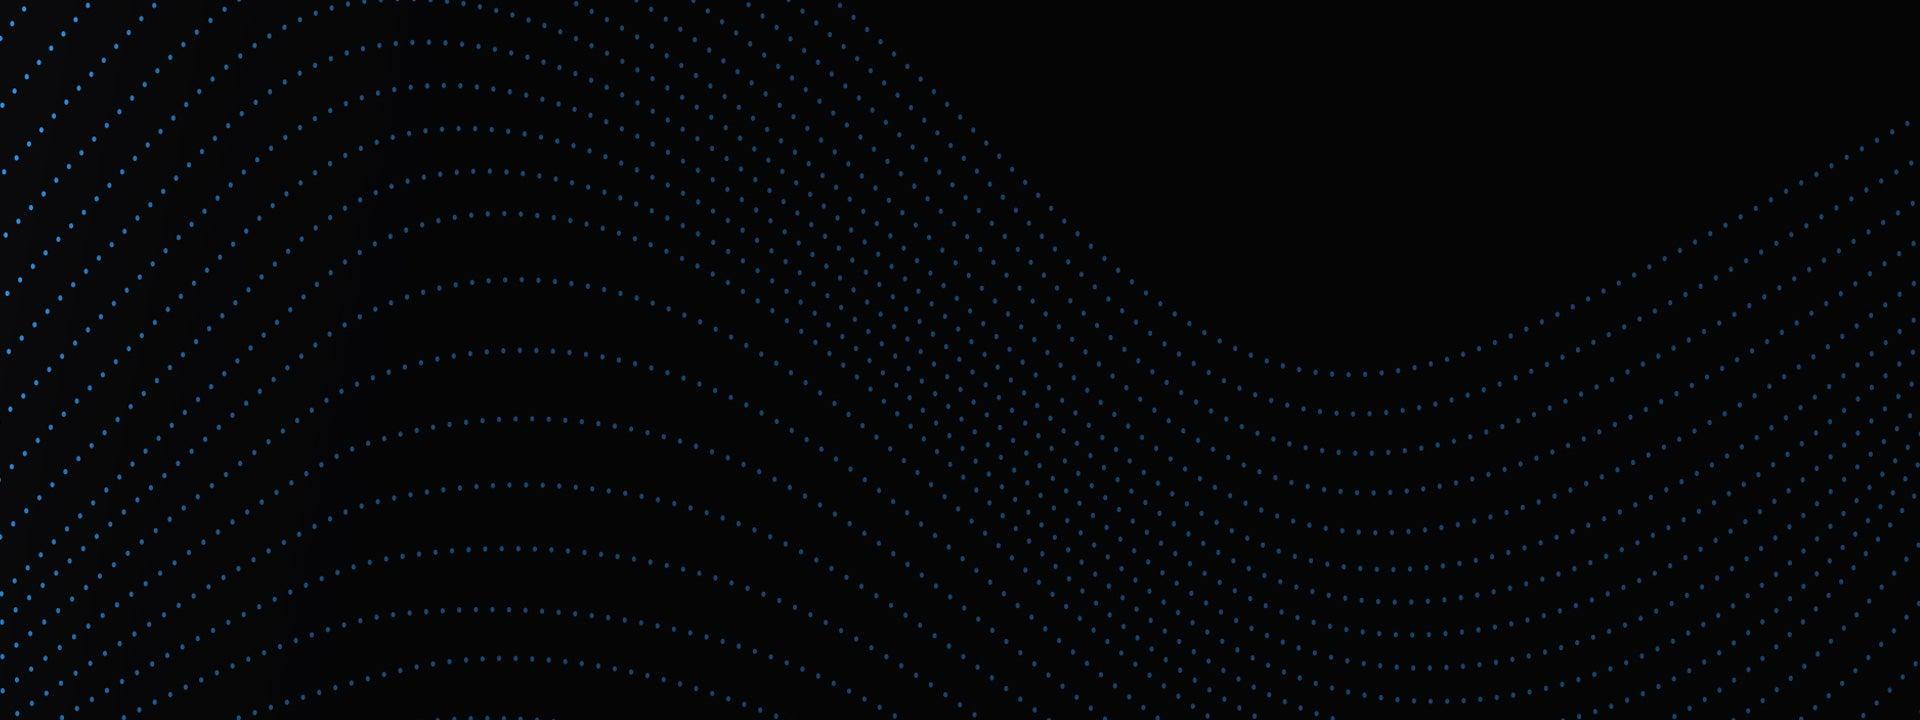 DataRobot AI Experience Recap Blog feature image v1.0